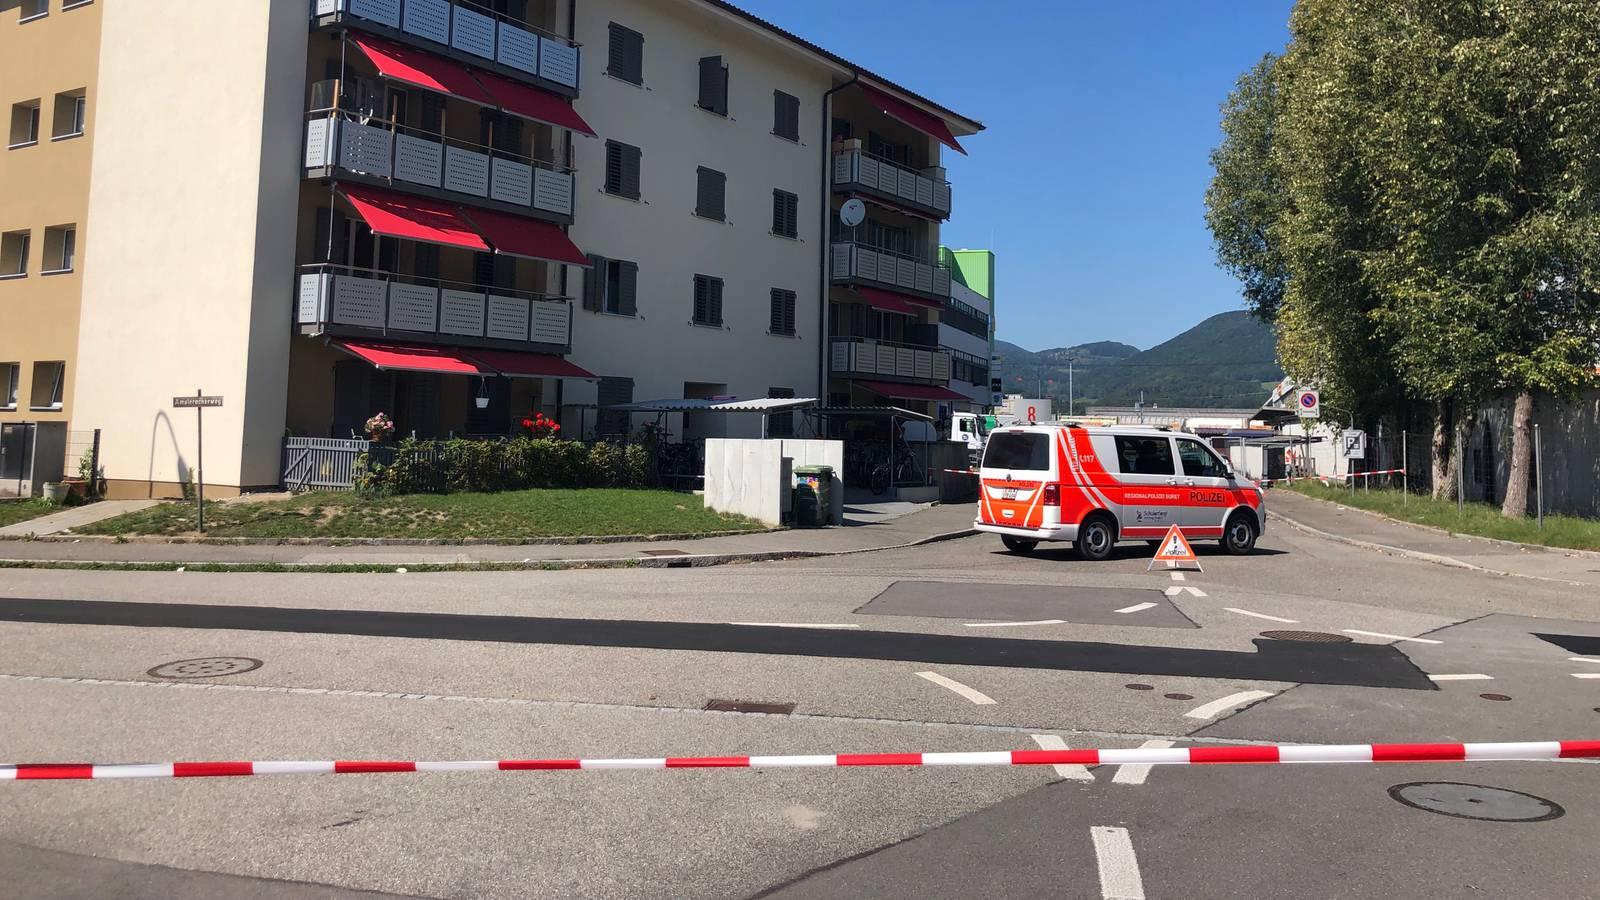 Bombenfund in Buchs (04.09.19) (© Daniel Arnold/Tele M1)